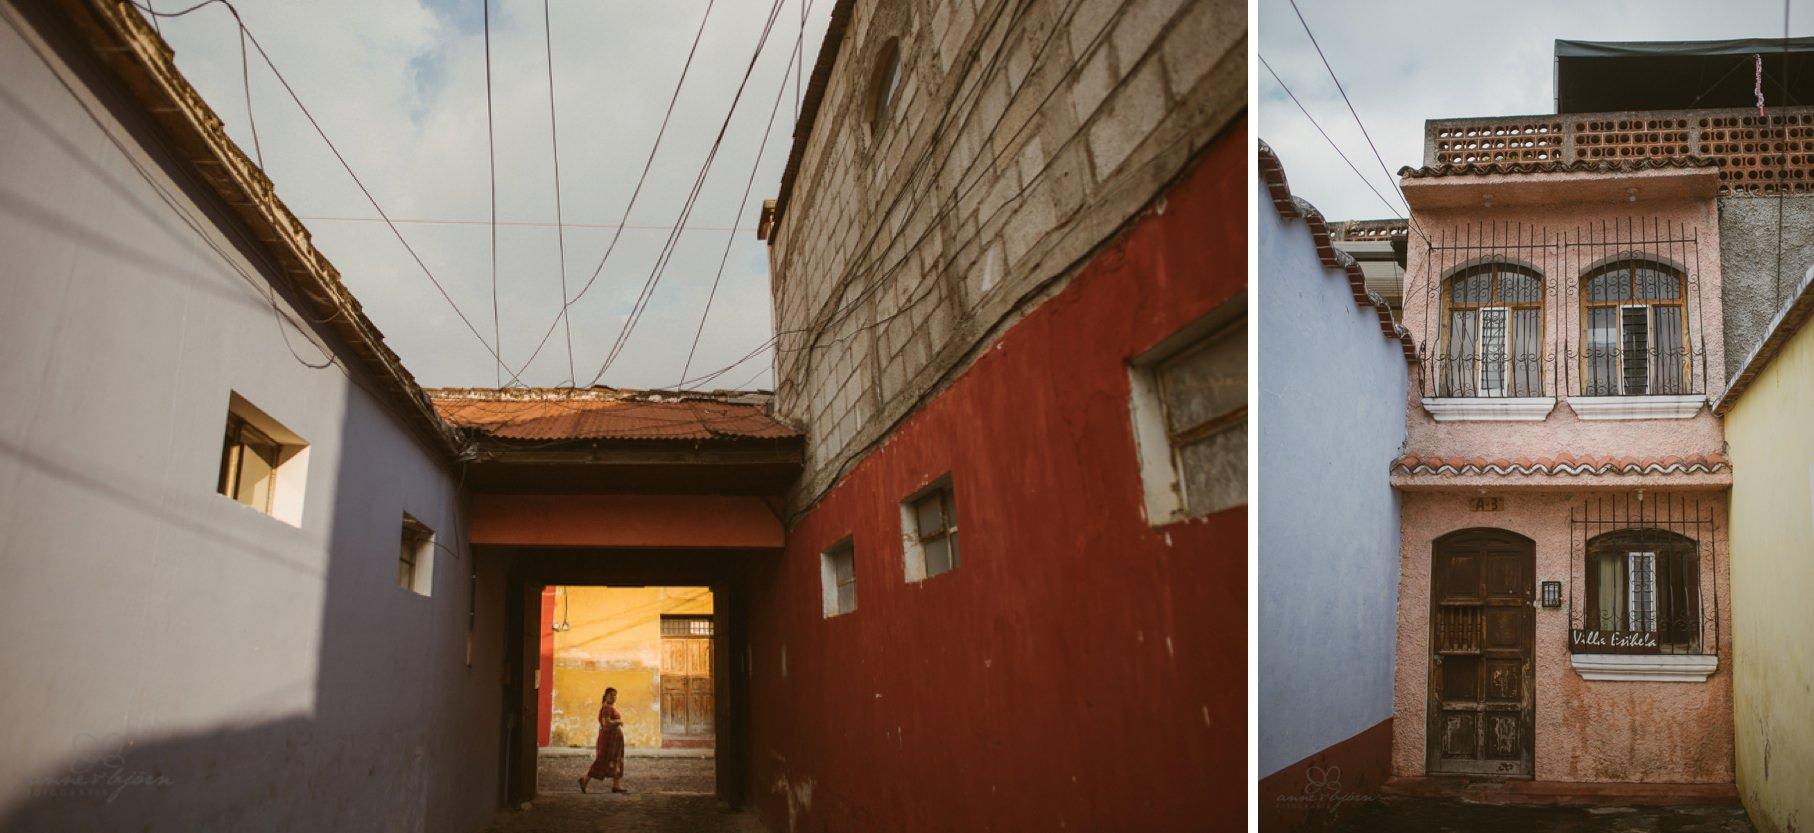 0002 anne und bjoern guatemala 811 2394 - 4 Wochen durch Guatemala - backpacking durch Mittelamerika